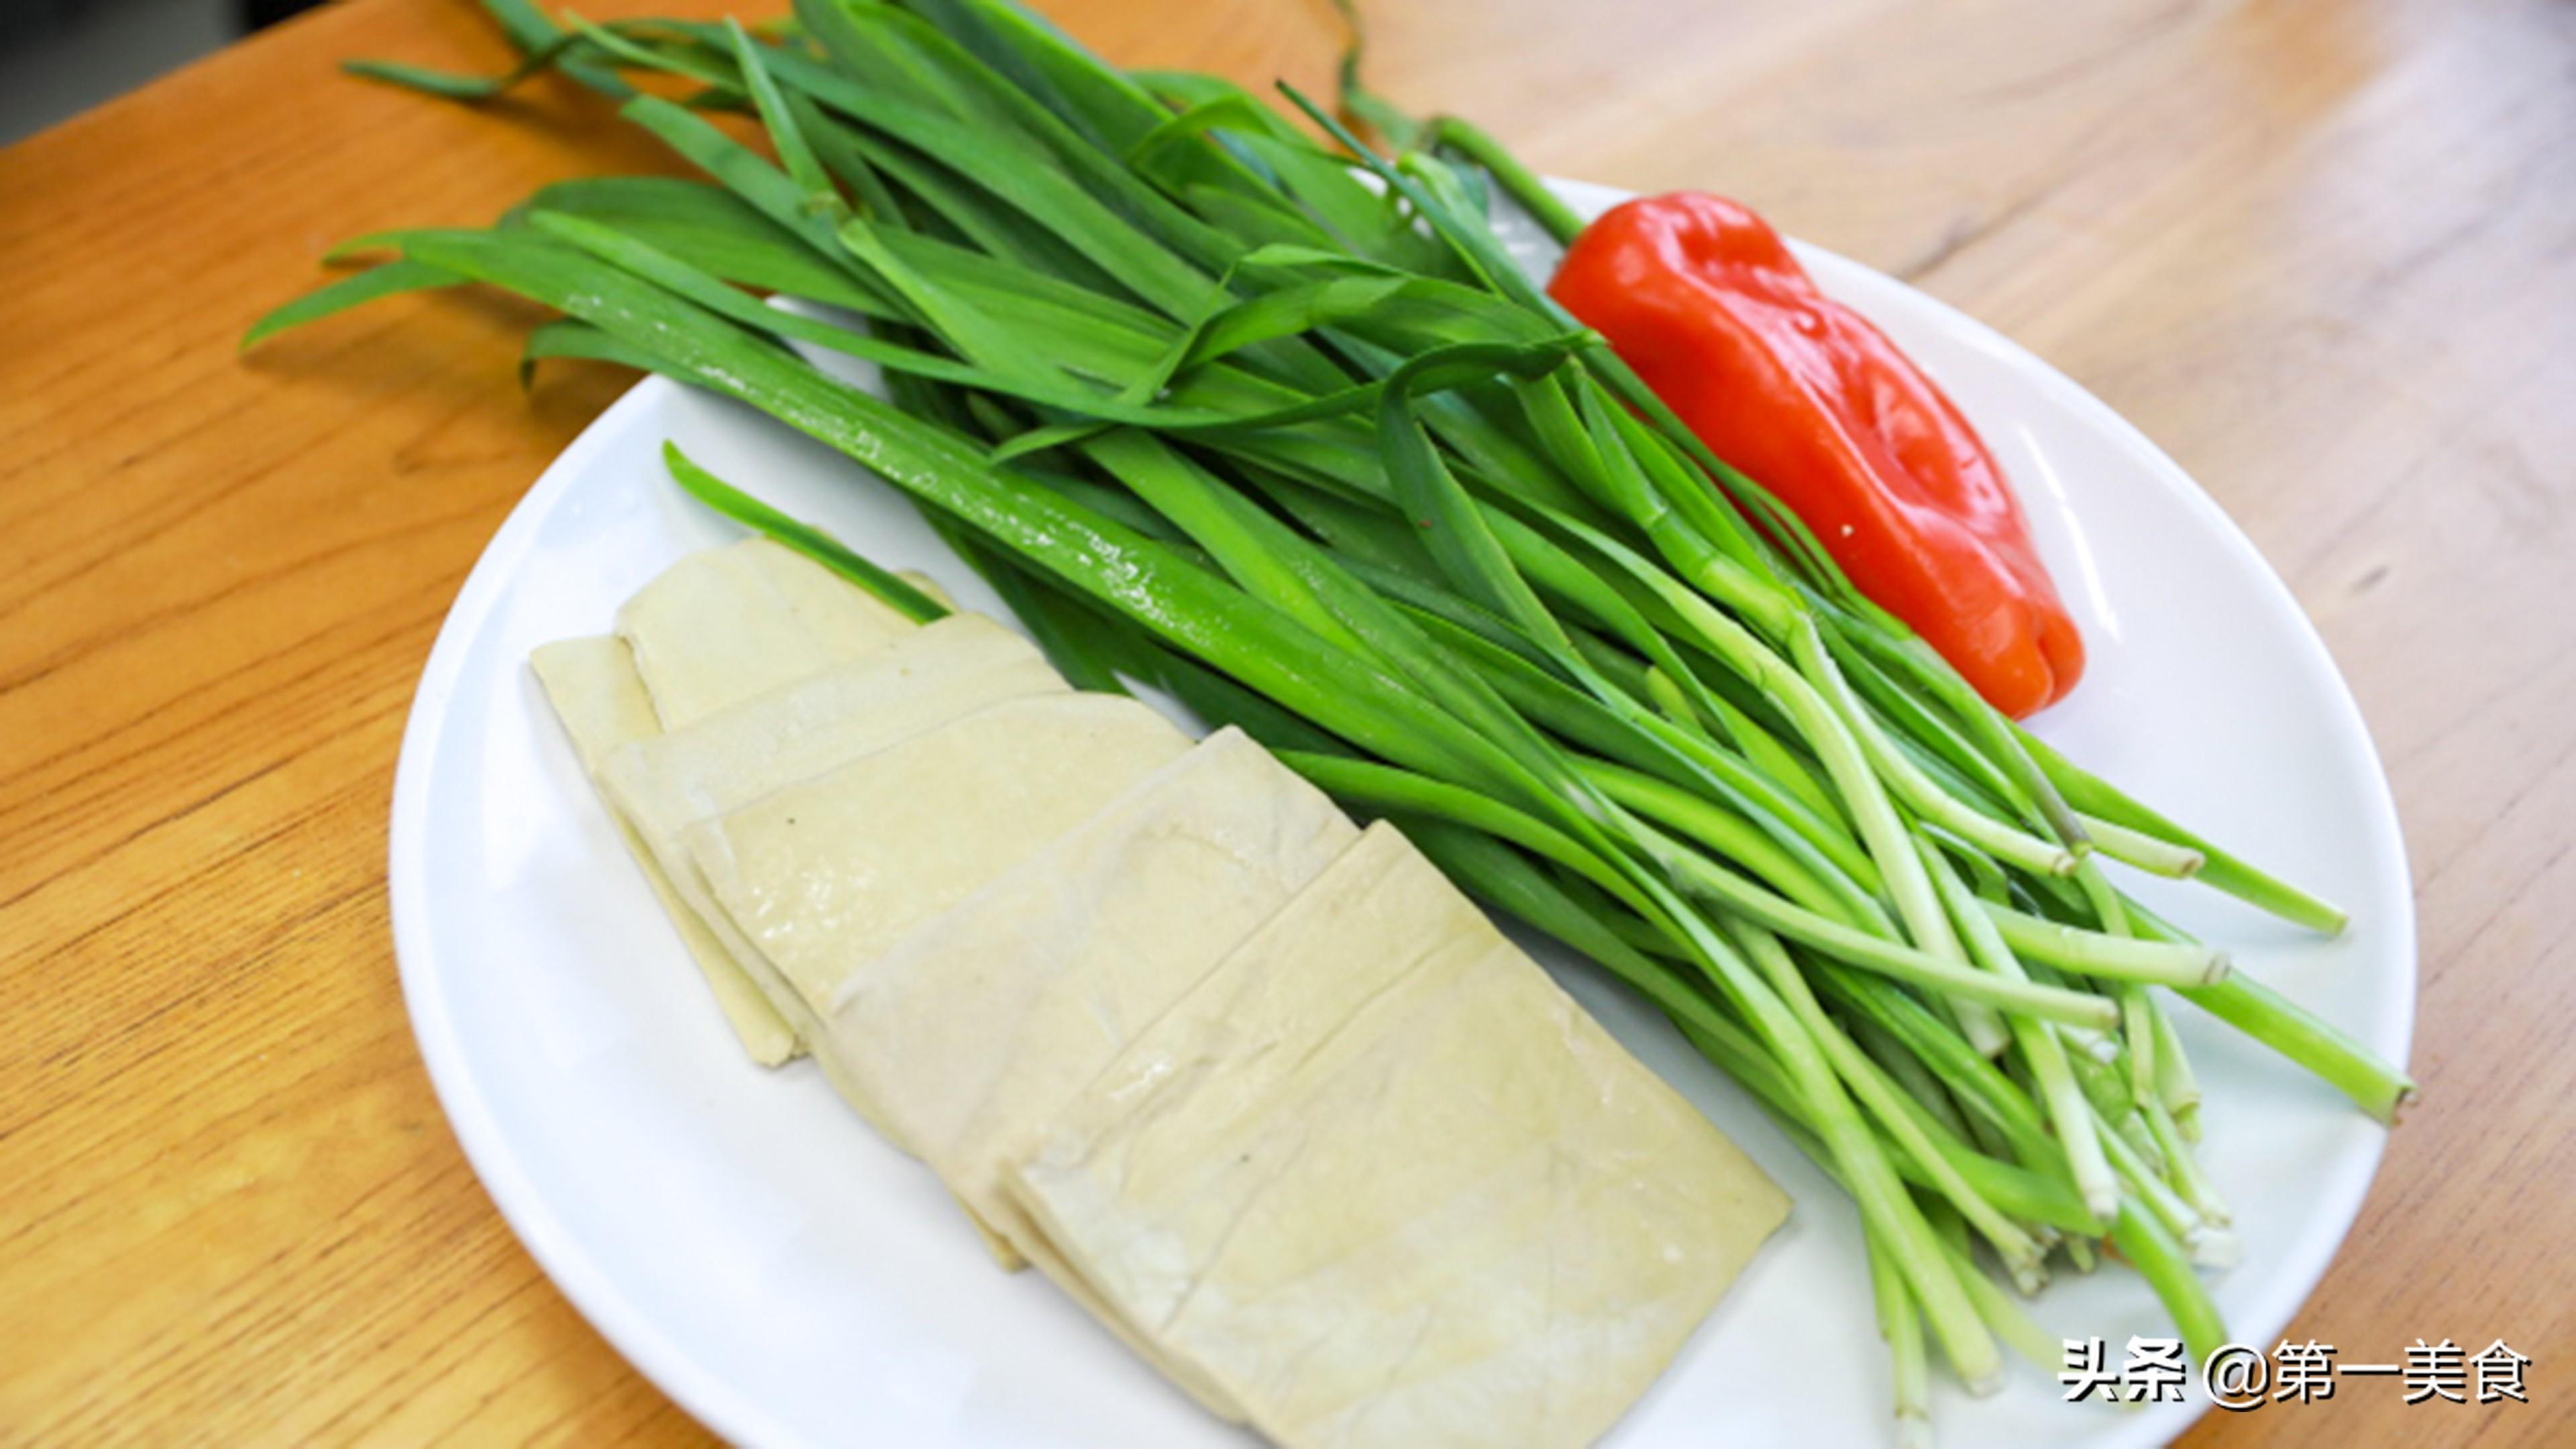 减肥,别再吃水煮青菜了,这道韭菜炒豆干,热量低吃着香做法简单 美食做法 第2张